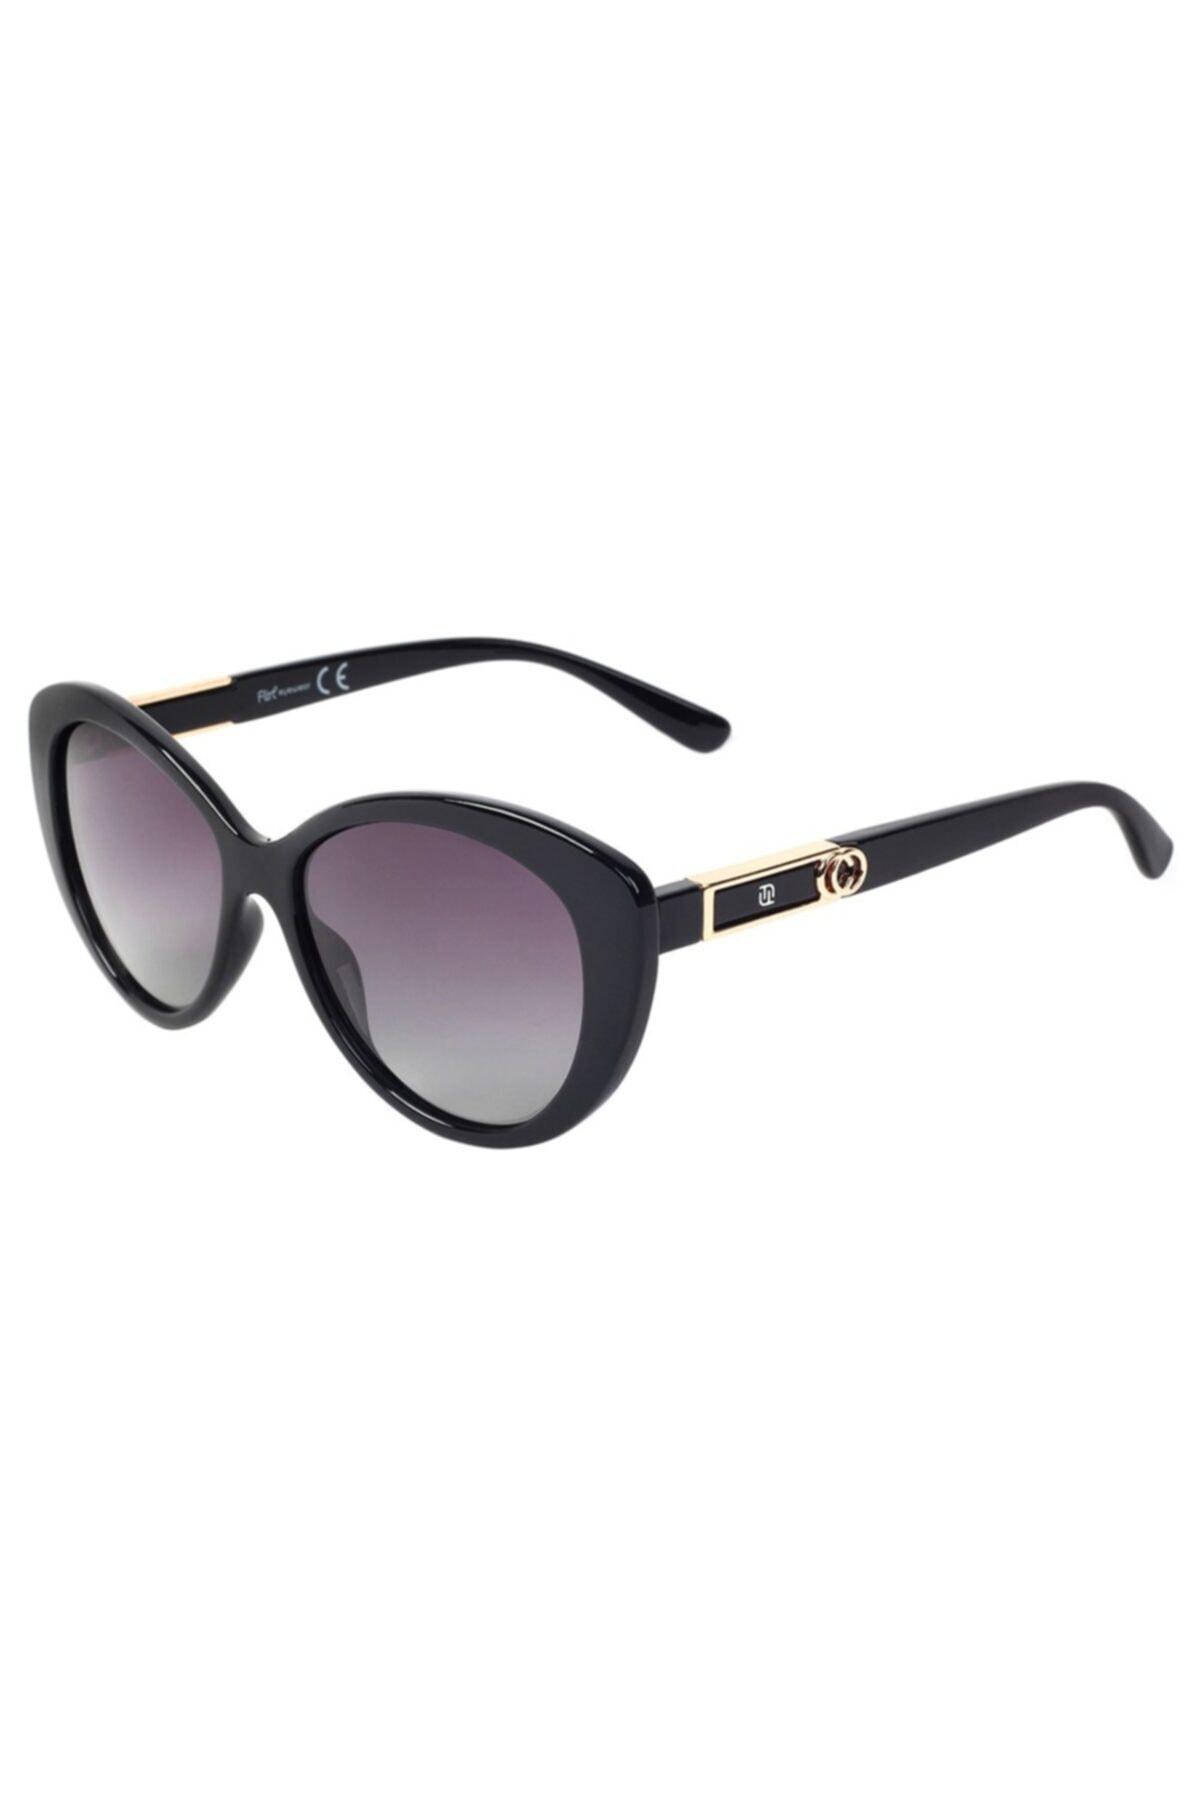 فروش عینک آفتابی زنانه فانتزی برند Flirt رنگ مشکی کد ty68136776